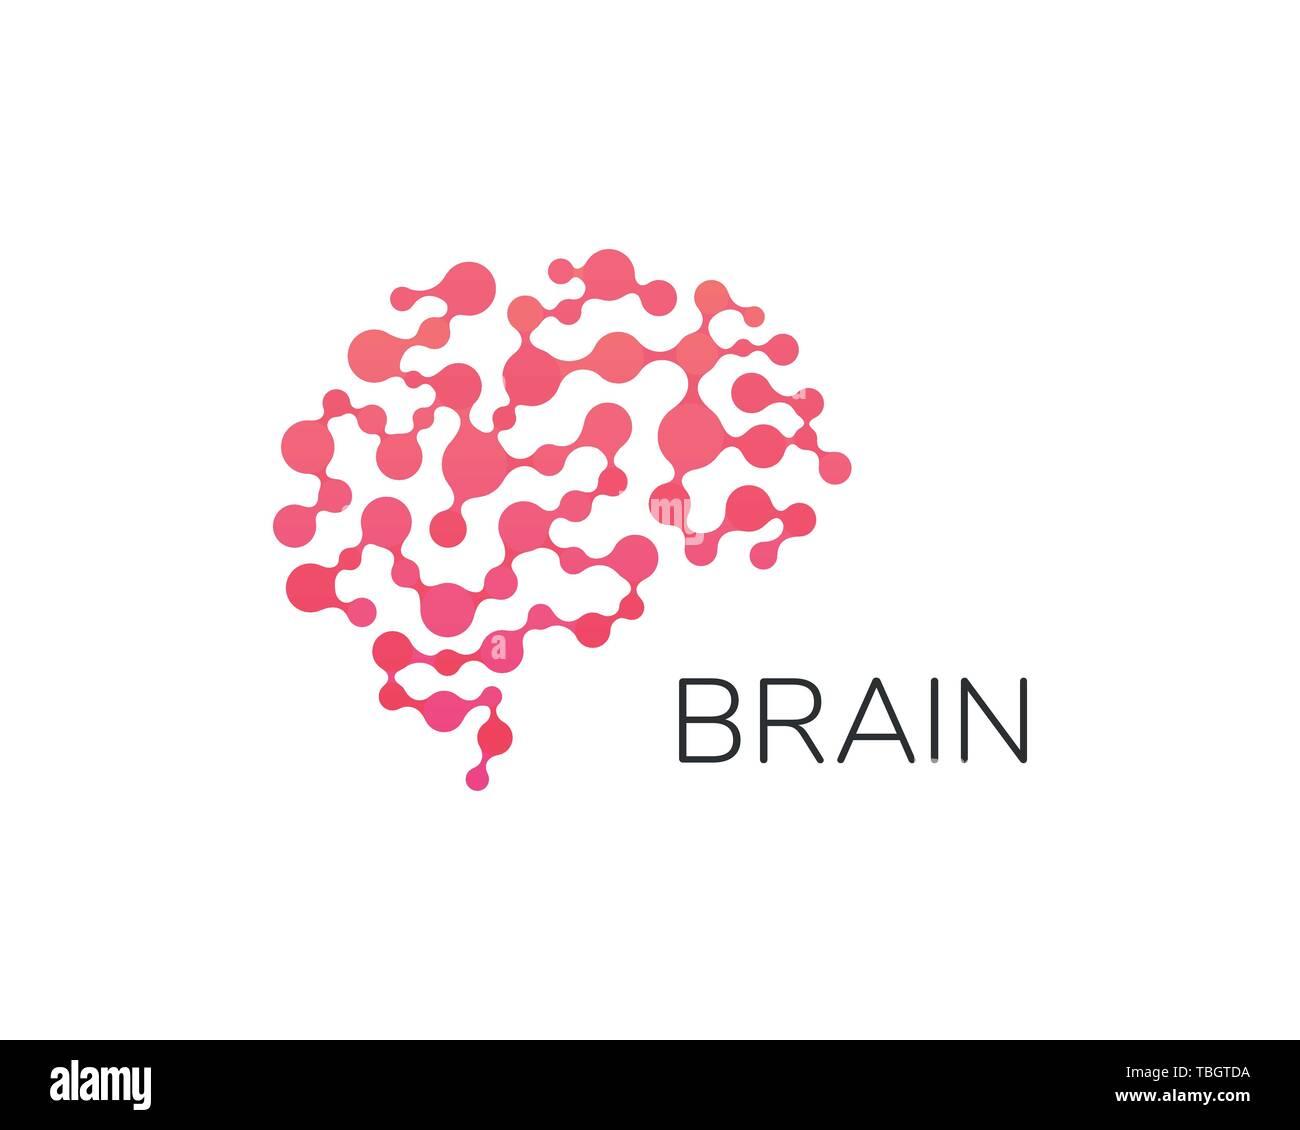 Logotipo del cerebro humano. Red neuronal, atlas de la memoria, el diseño minimalista del vector logo. Inteligencia Artificial. Cerebro digital Imagen De Stock